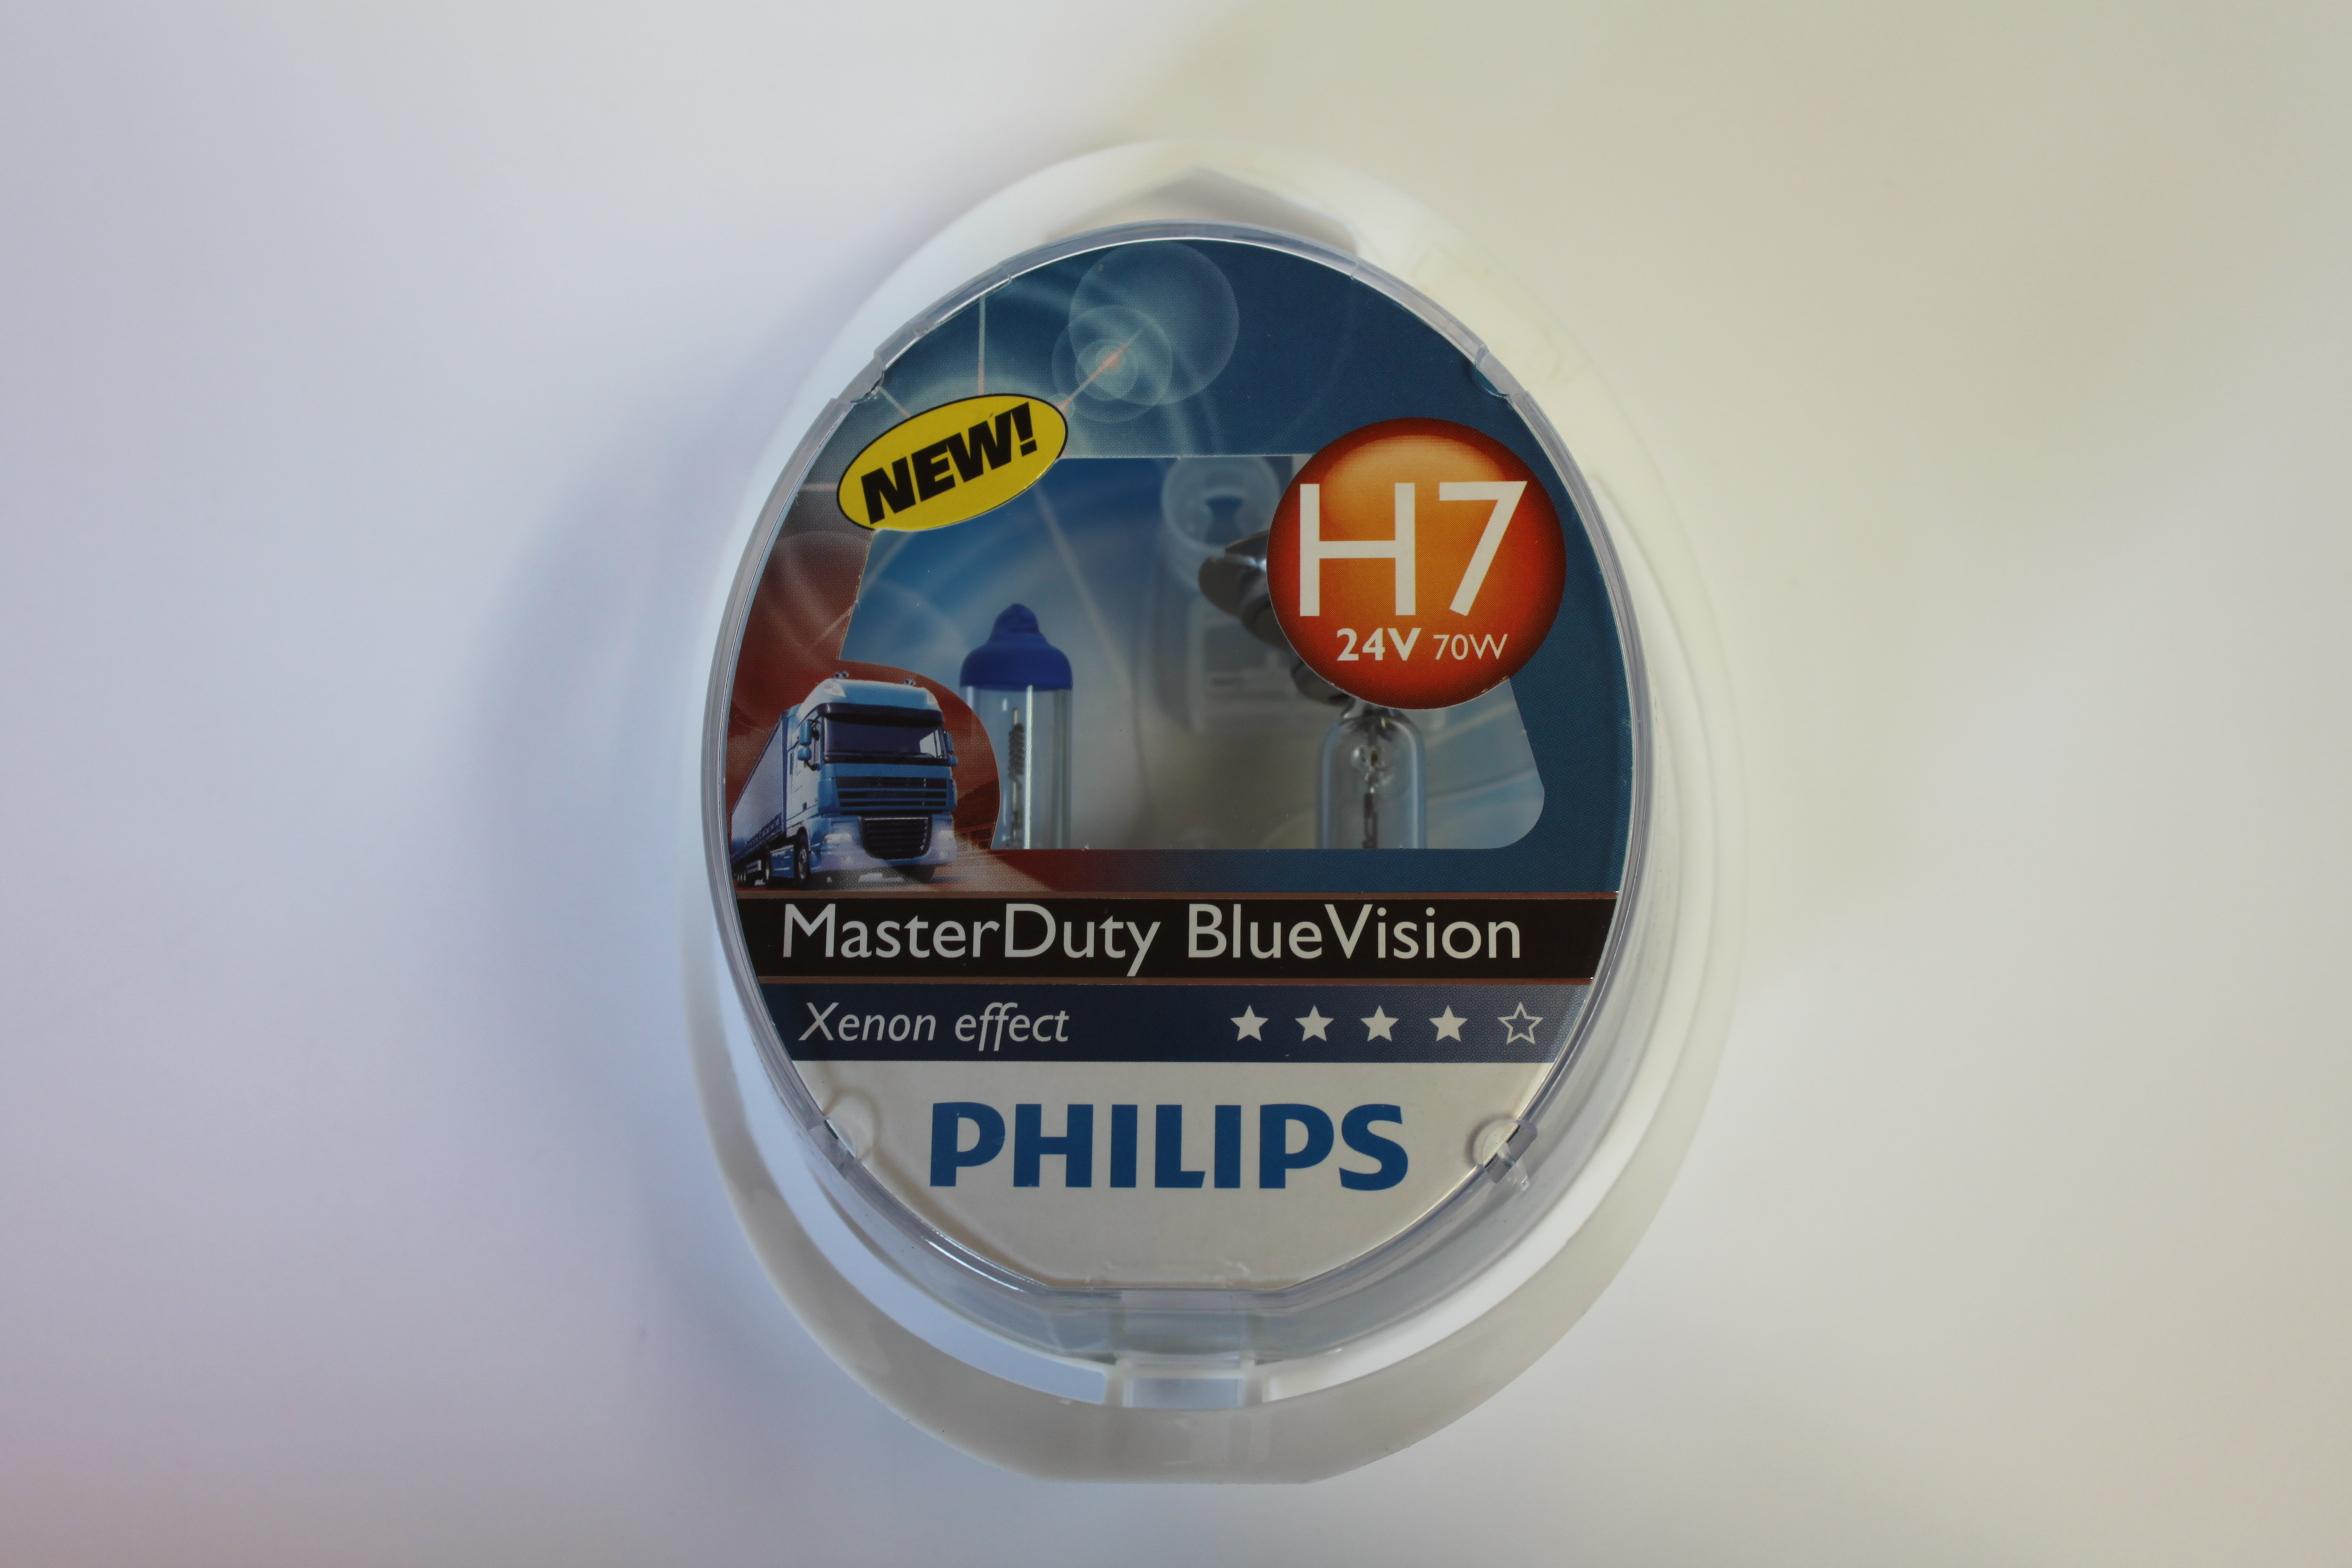 Philips Žárovky 24V H7 70W MasterDuty BlueVision 2ks